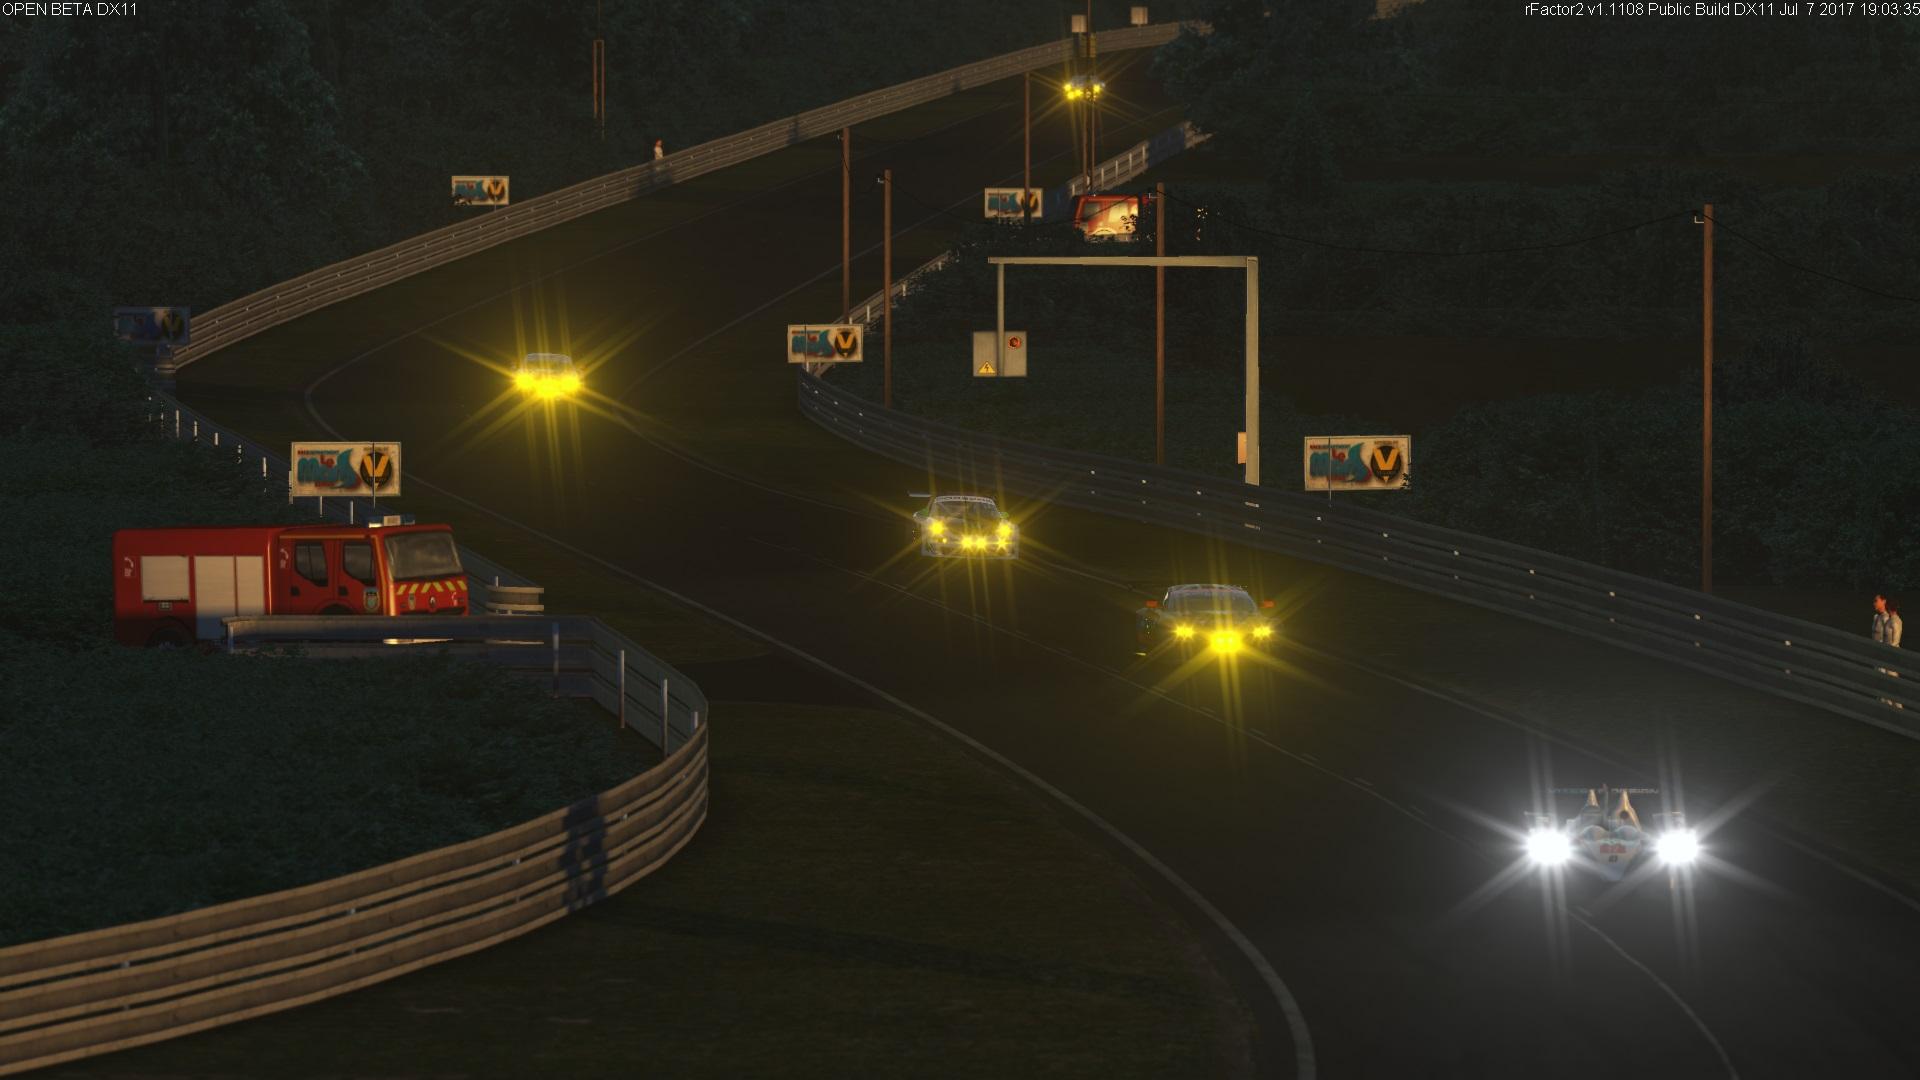 RDLMS Le Mans 26.jpg